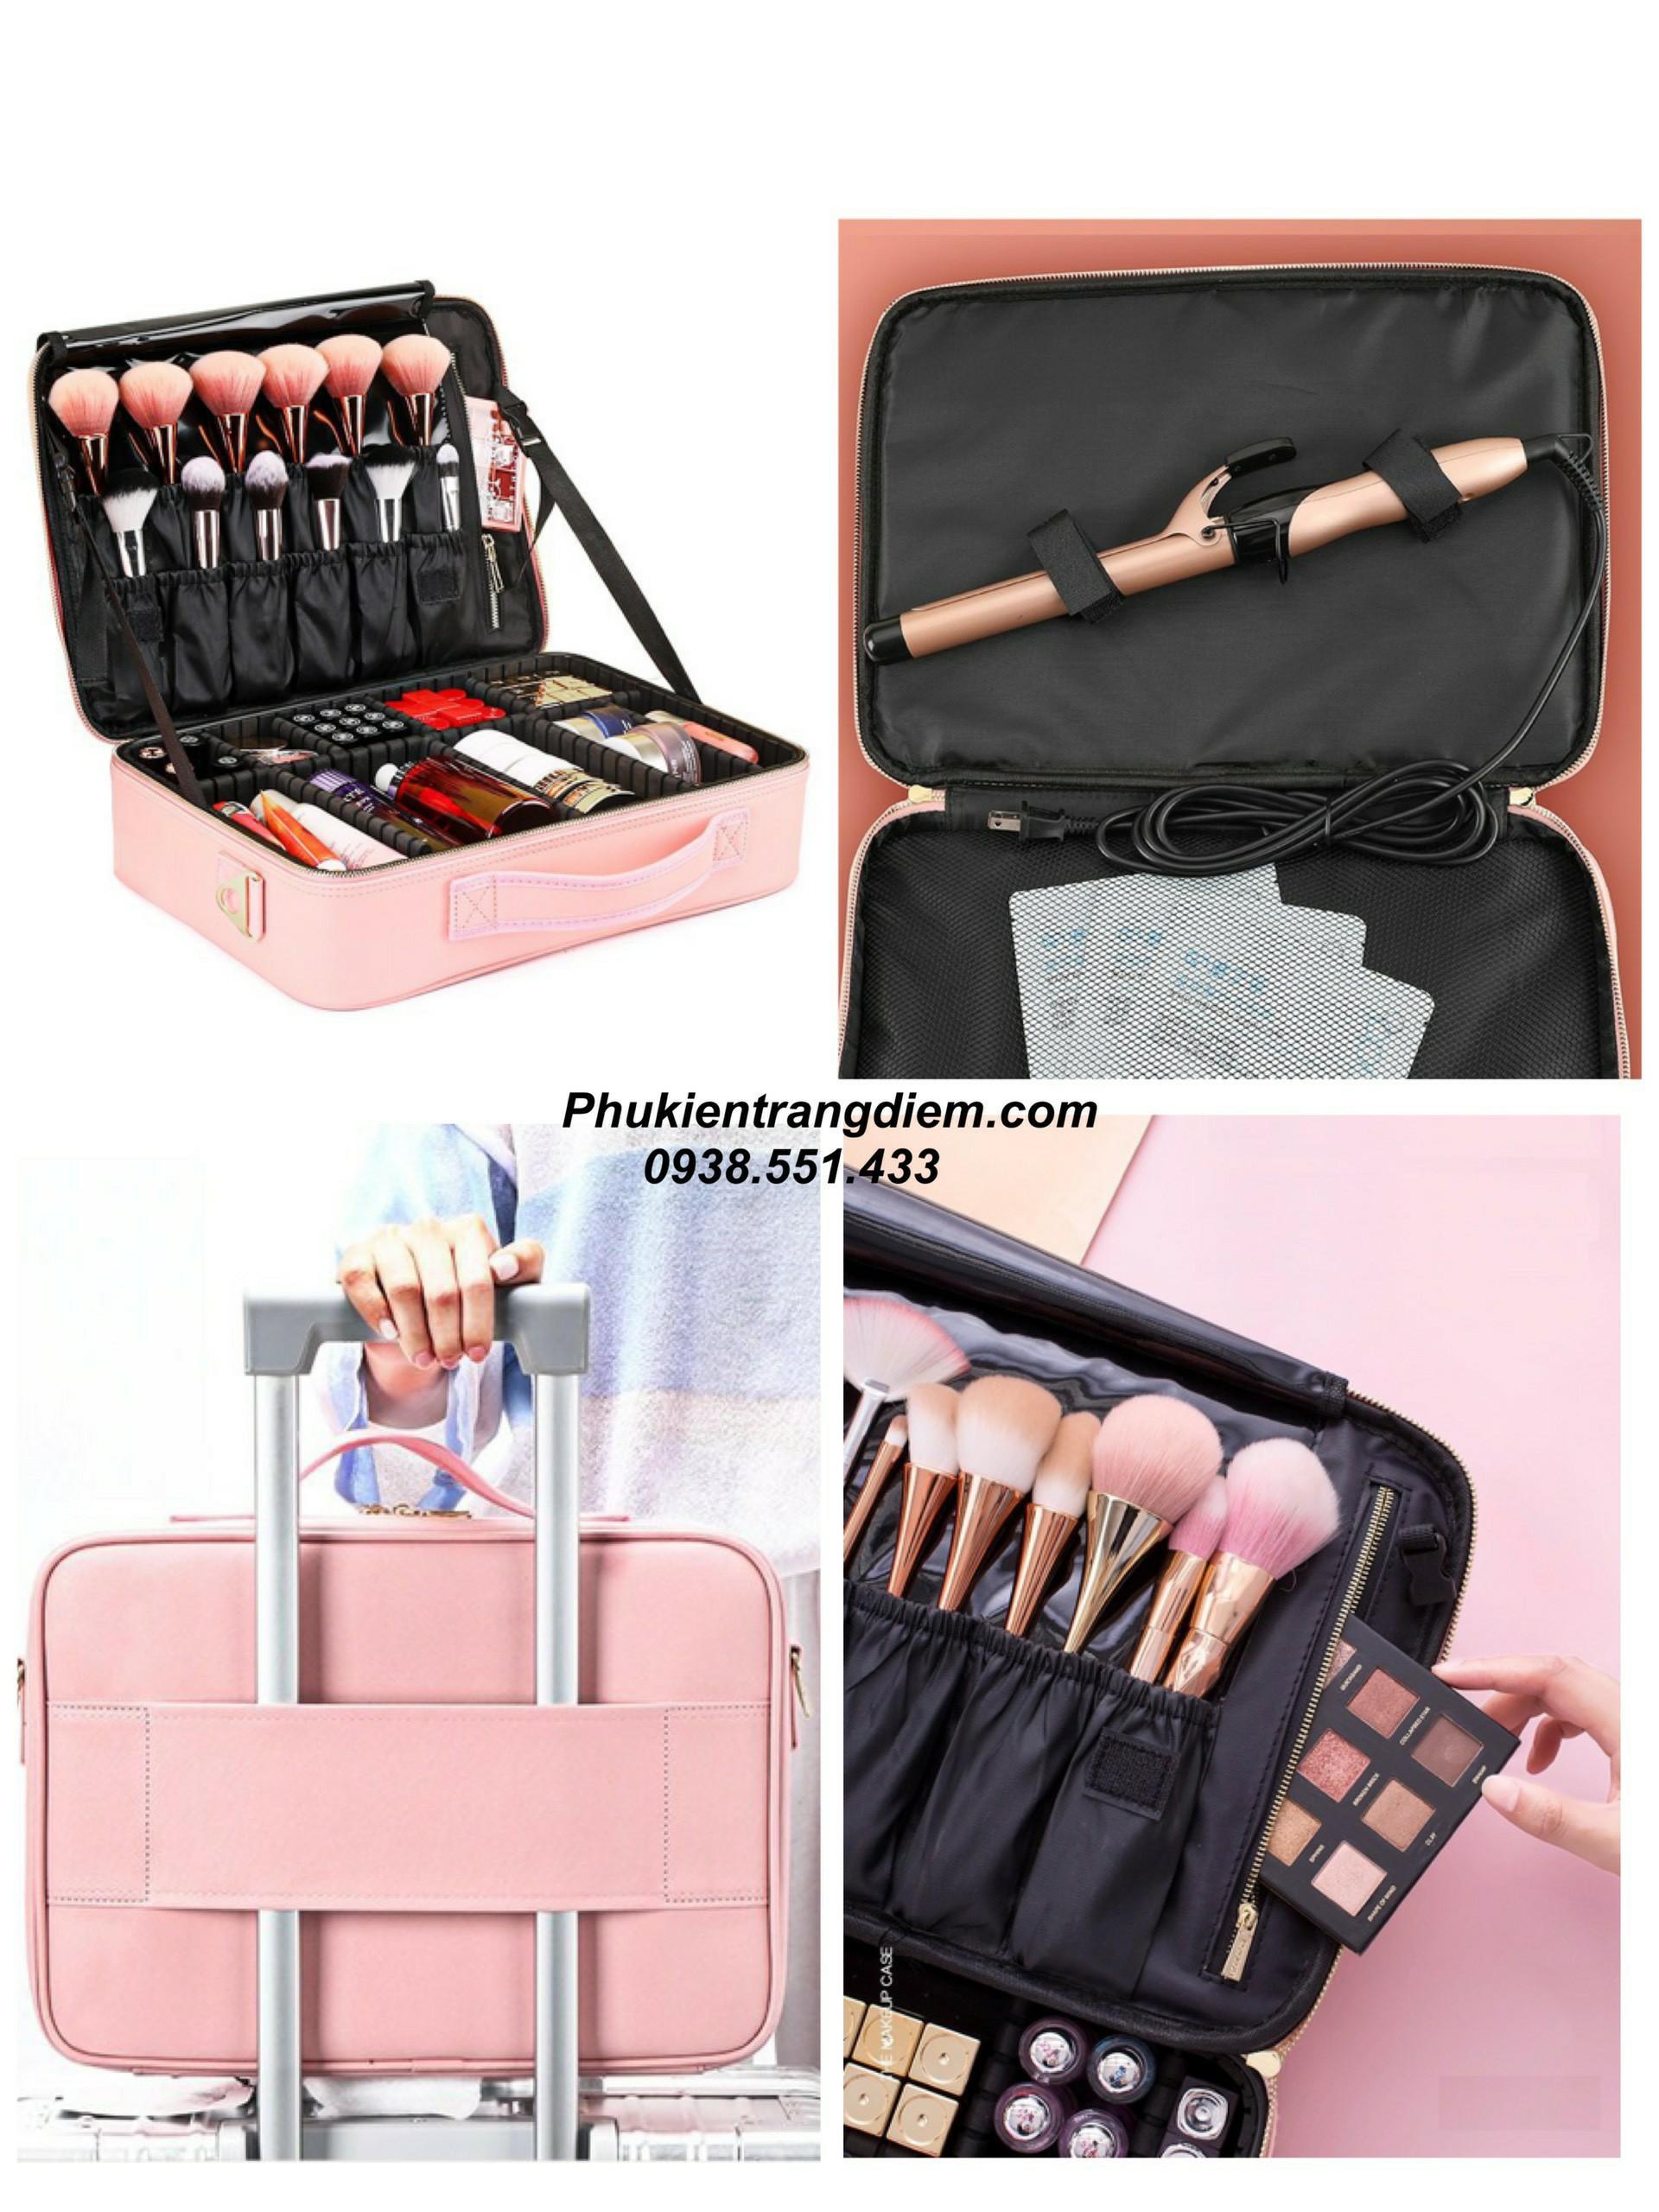 cốp vali trang điểm bằng da màu hồng make up cô dâu chuyên nghiệp